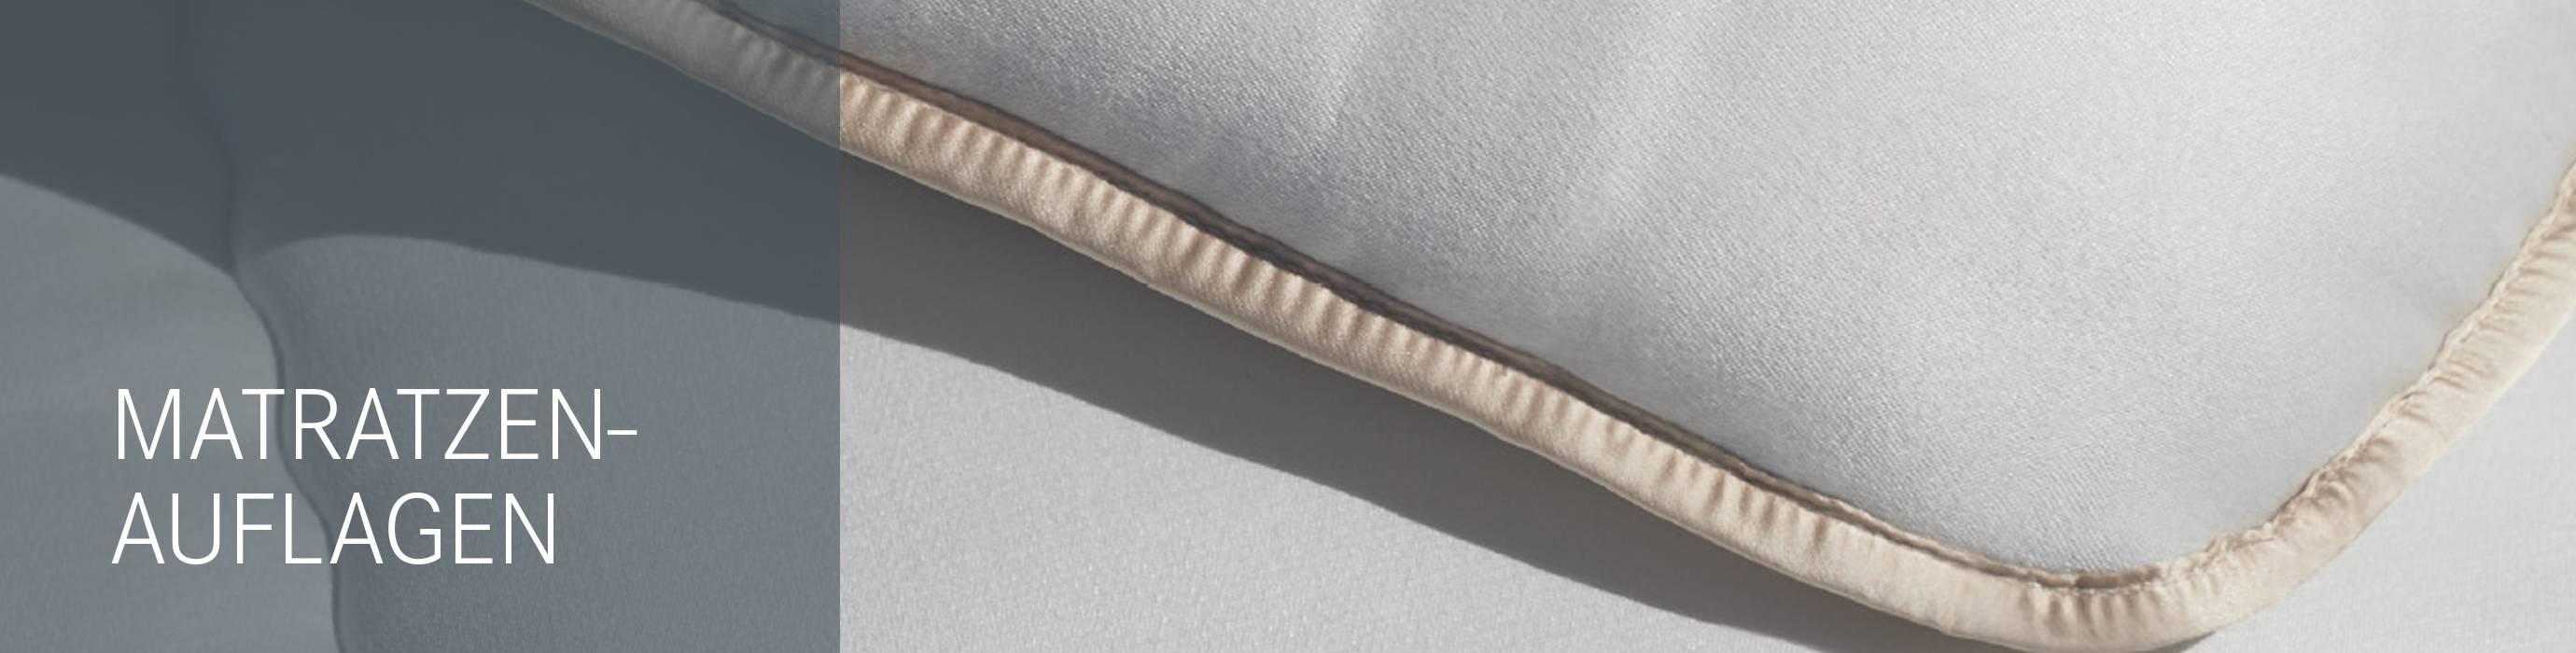 Matratzenauflagen & Topper